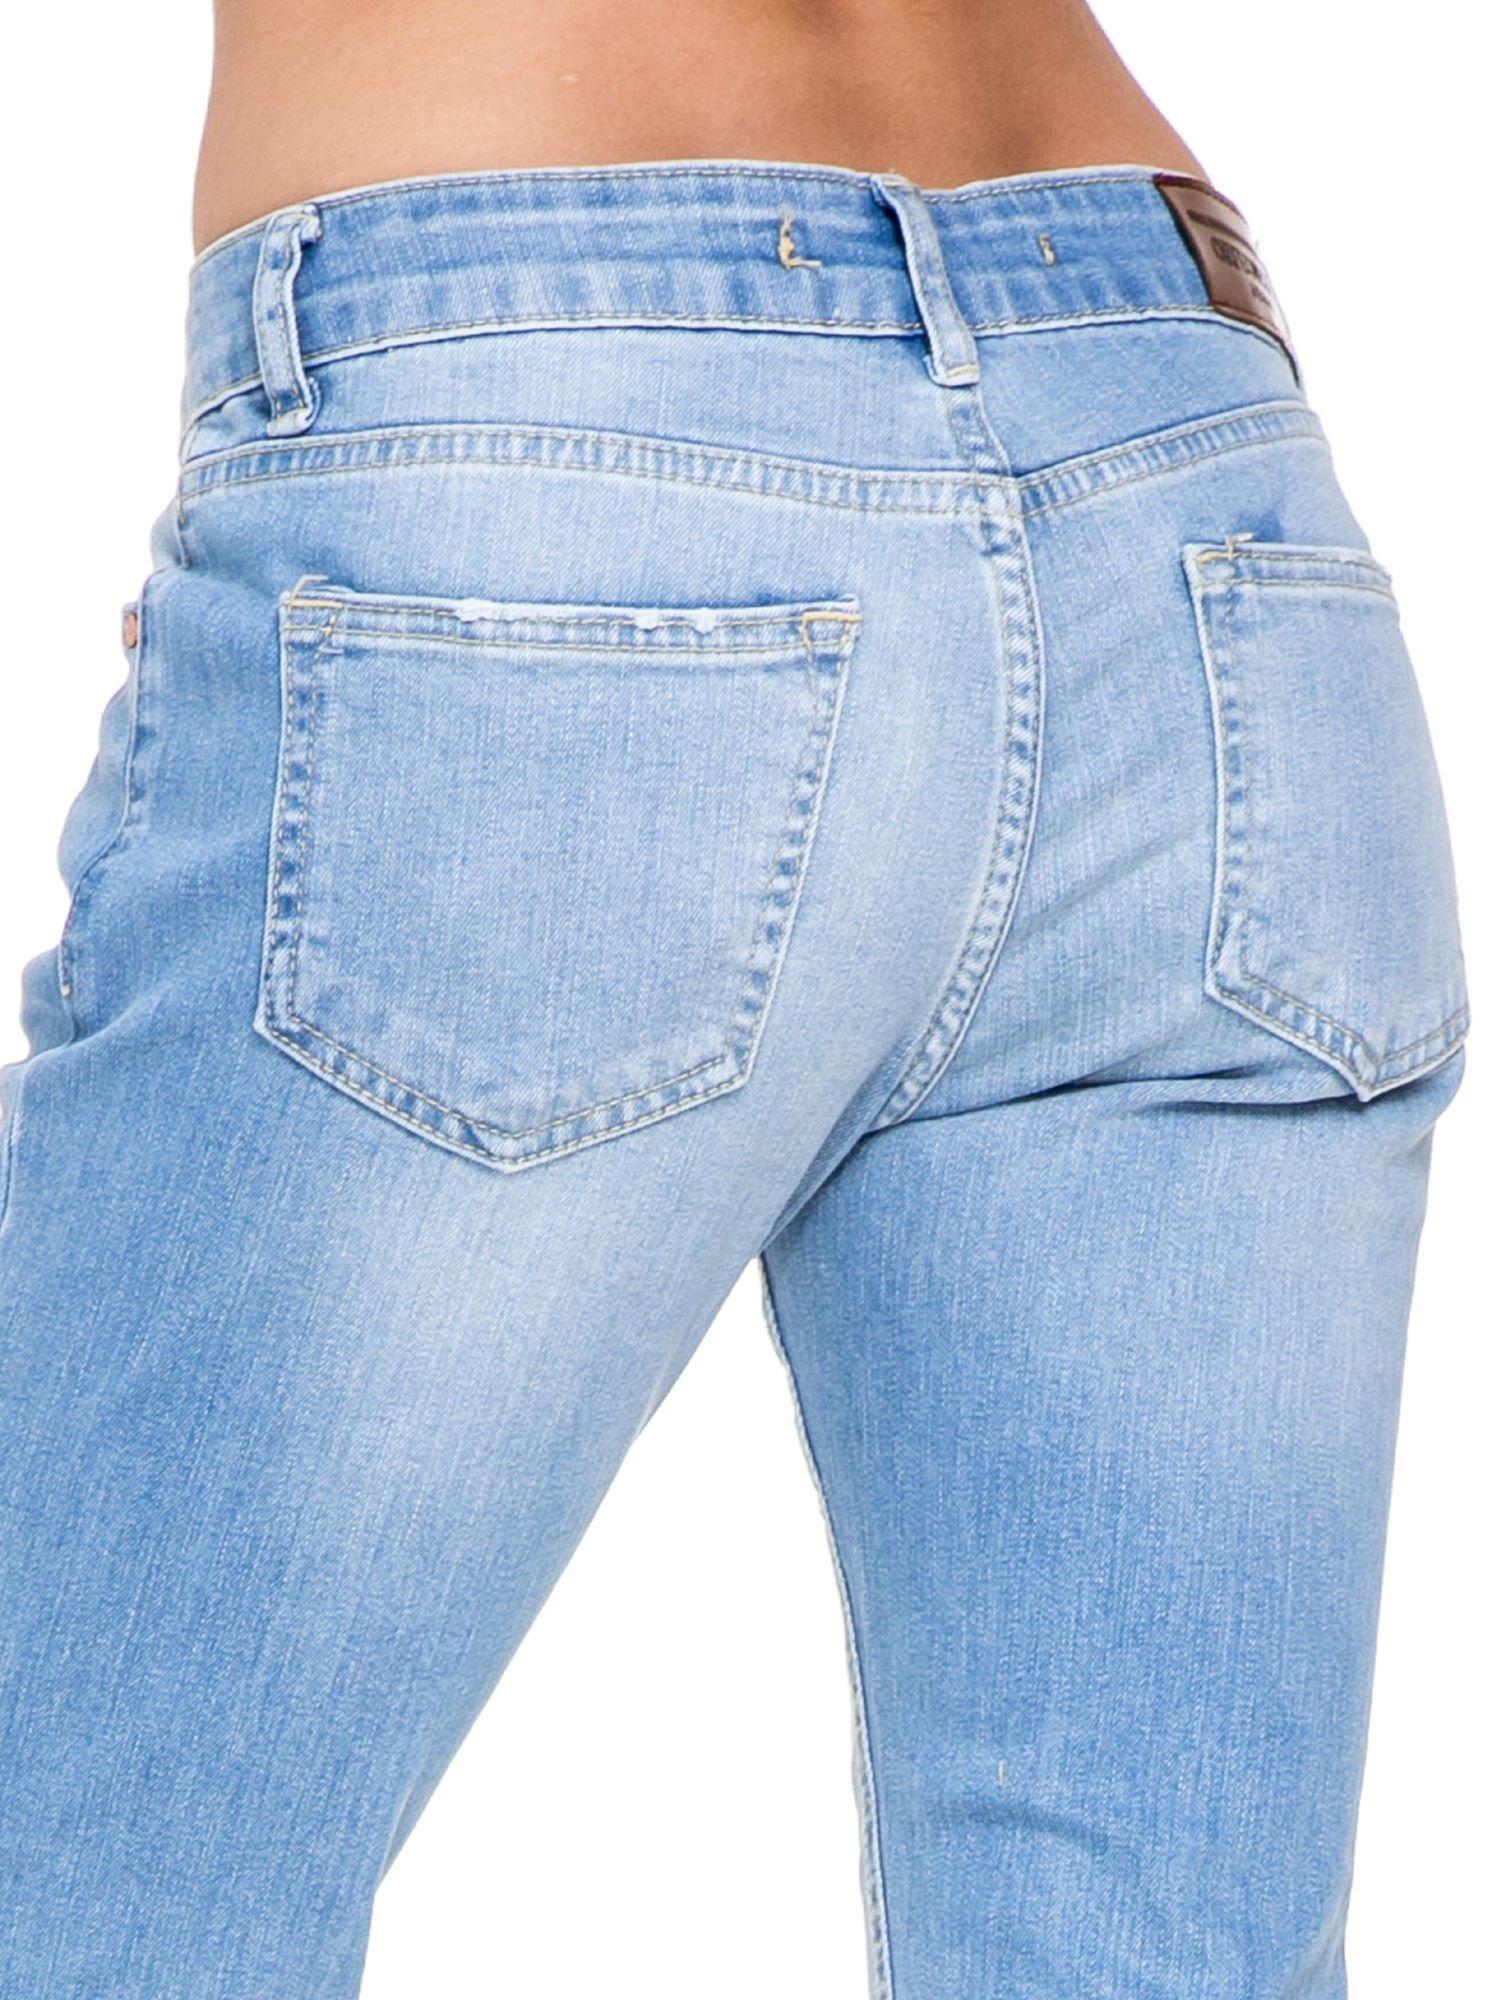 Jasnoniebieskie spodnie jeansowe o prostej nogawce z rozdarciami                                  zdj.                                  6